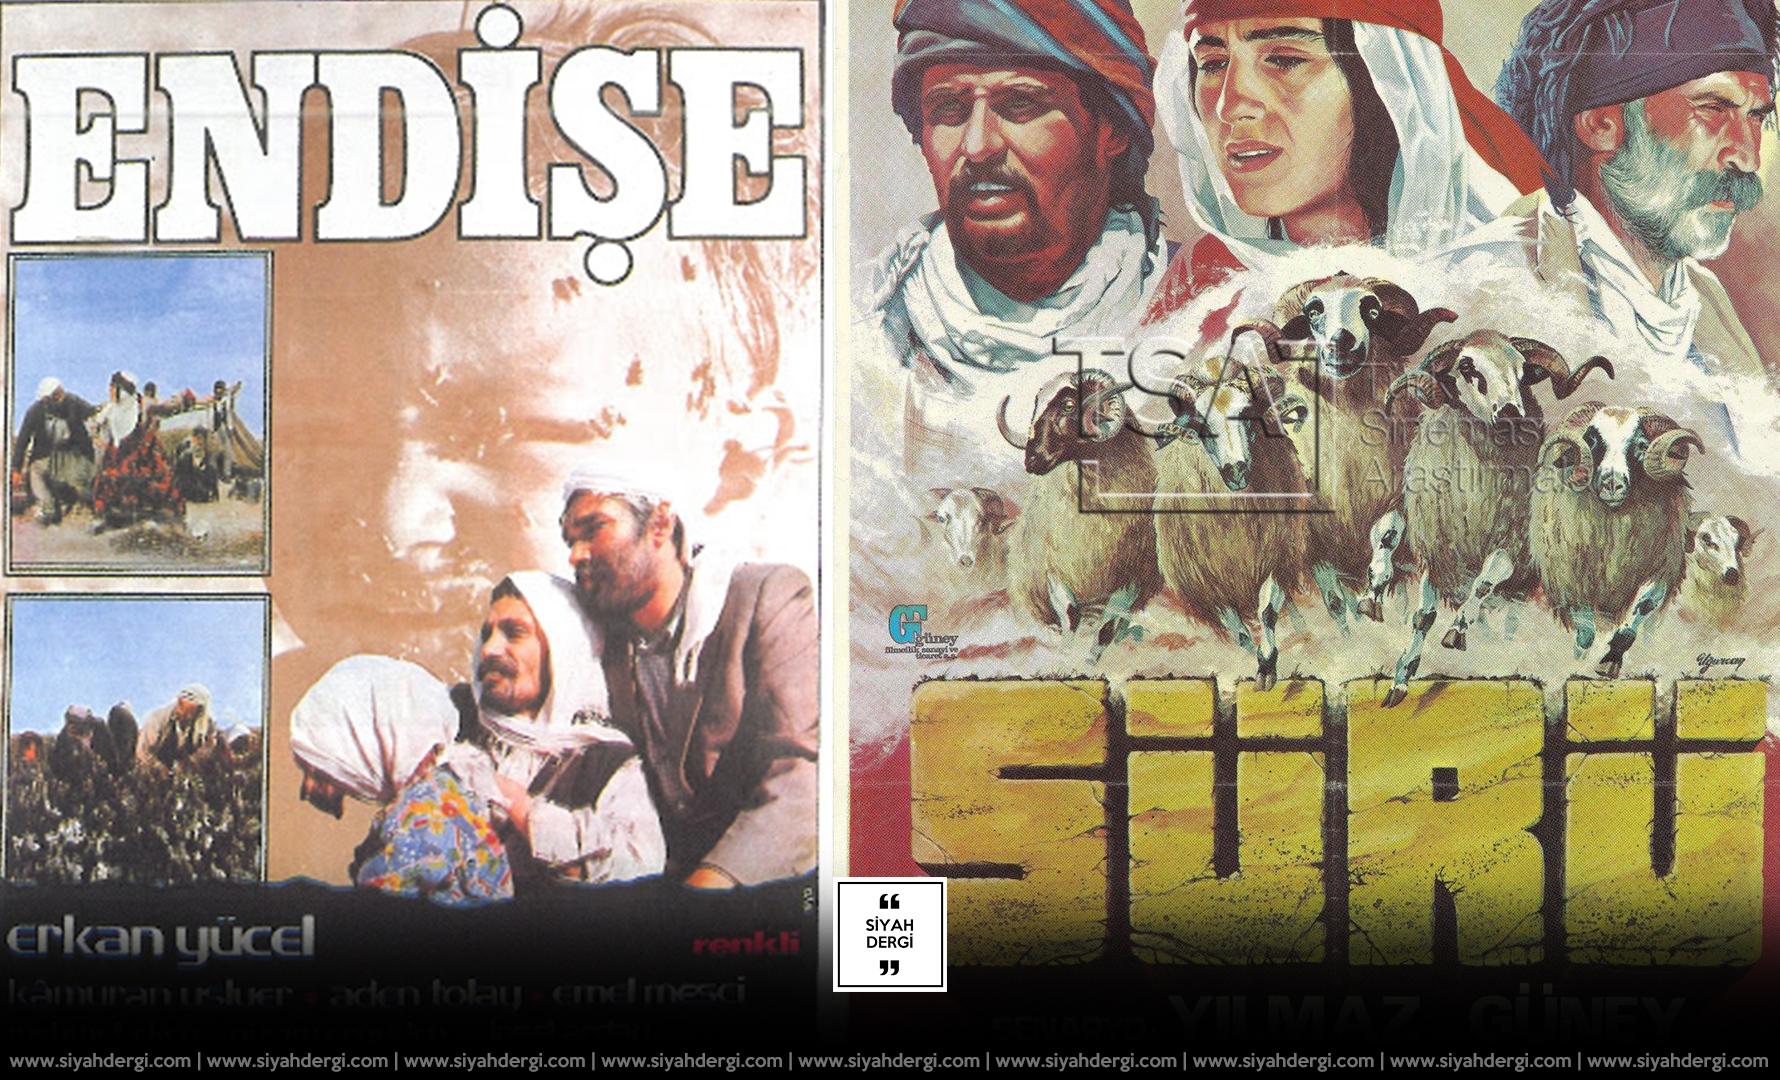 İki Filmin Hikâyesi: Endişe ve Sürü